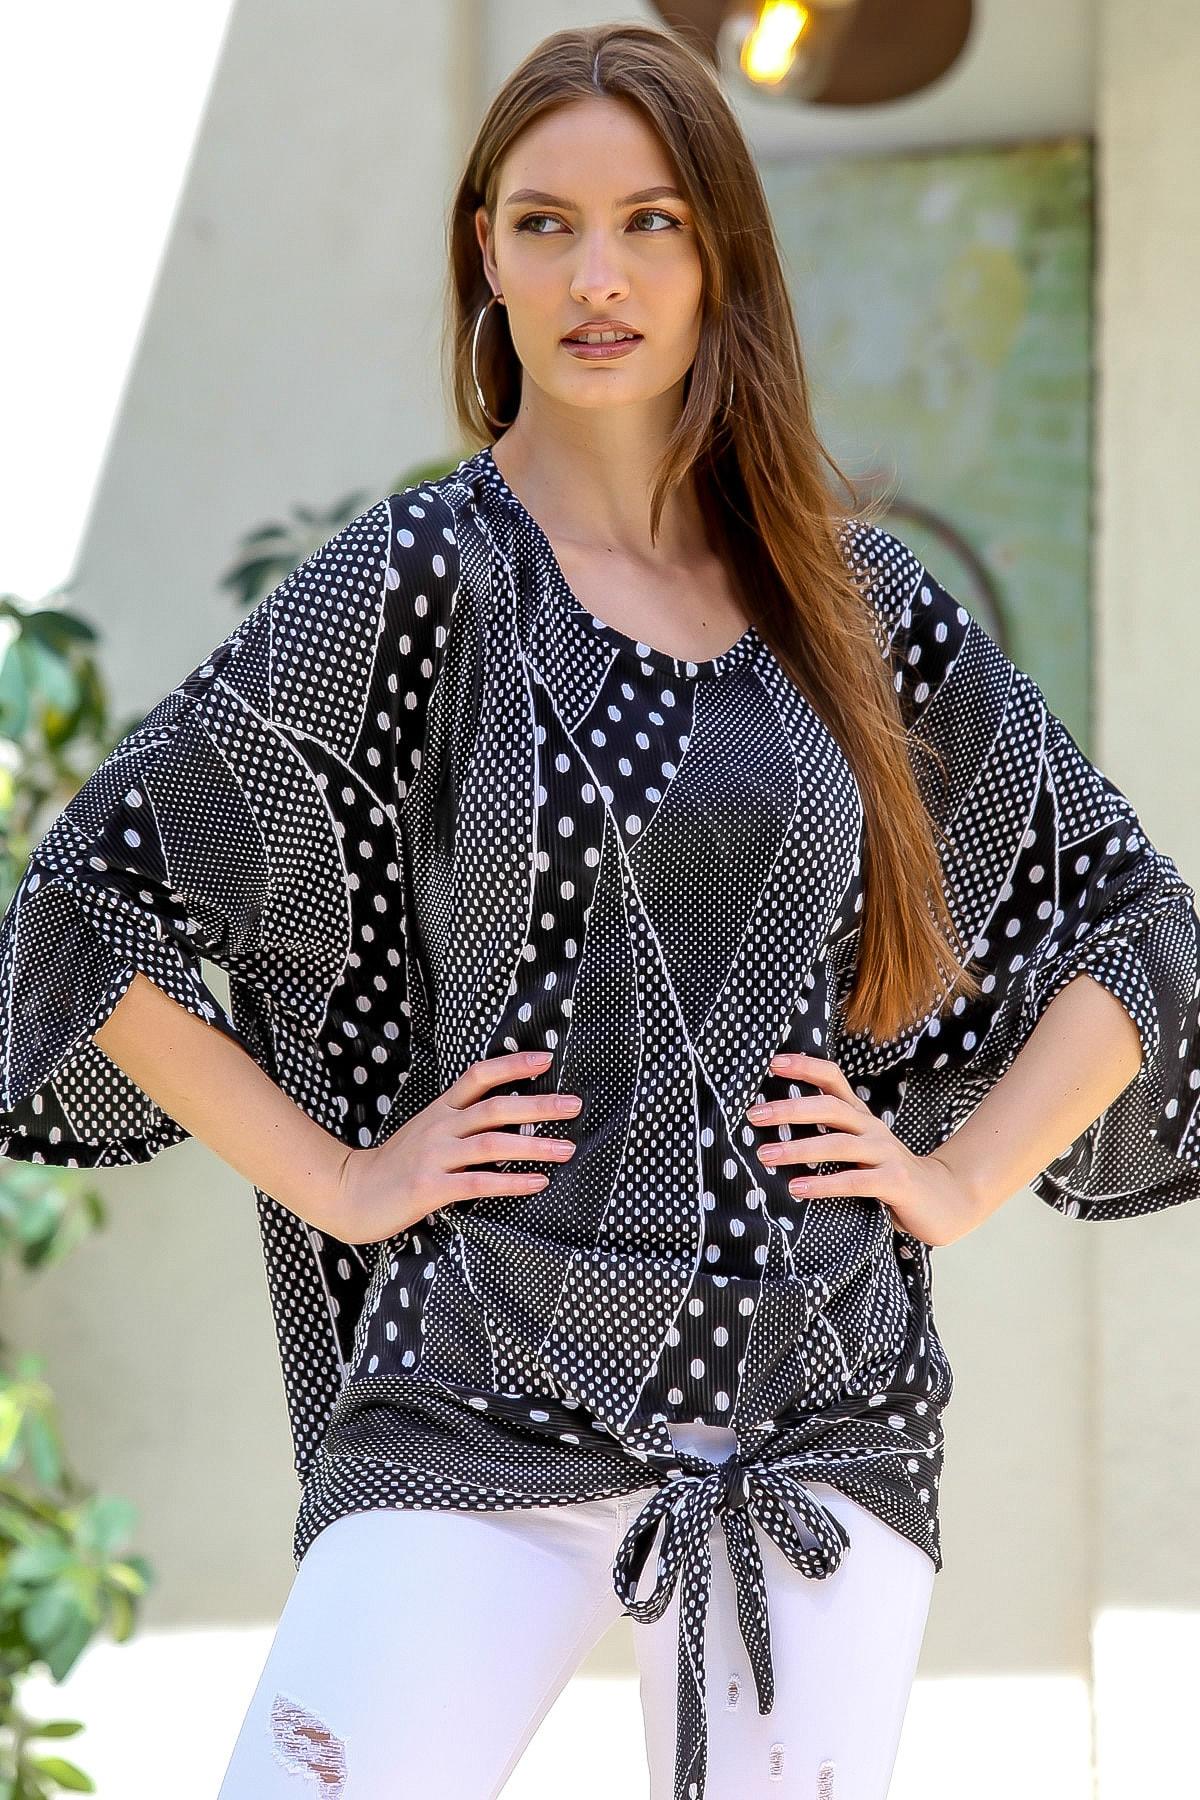 Chiccy Kadın Siyah Pliseli Puantiye Desenli 3/4 Kol Bağlamalı Bluz M10010200BL95402 1